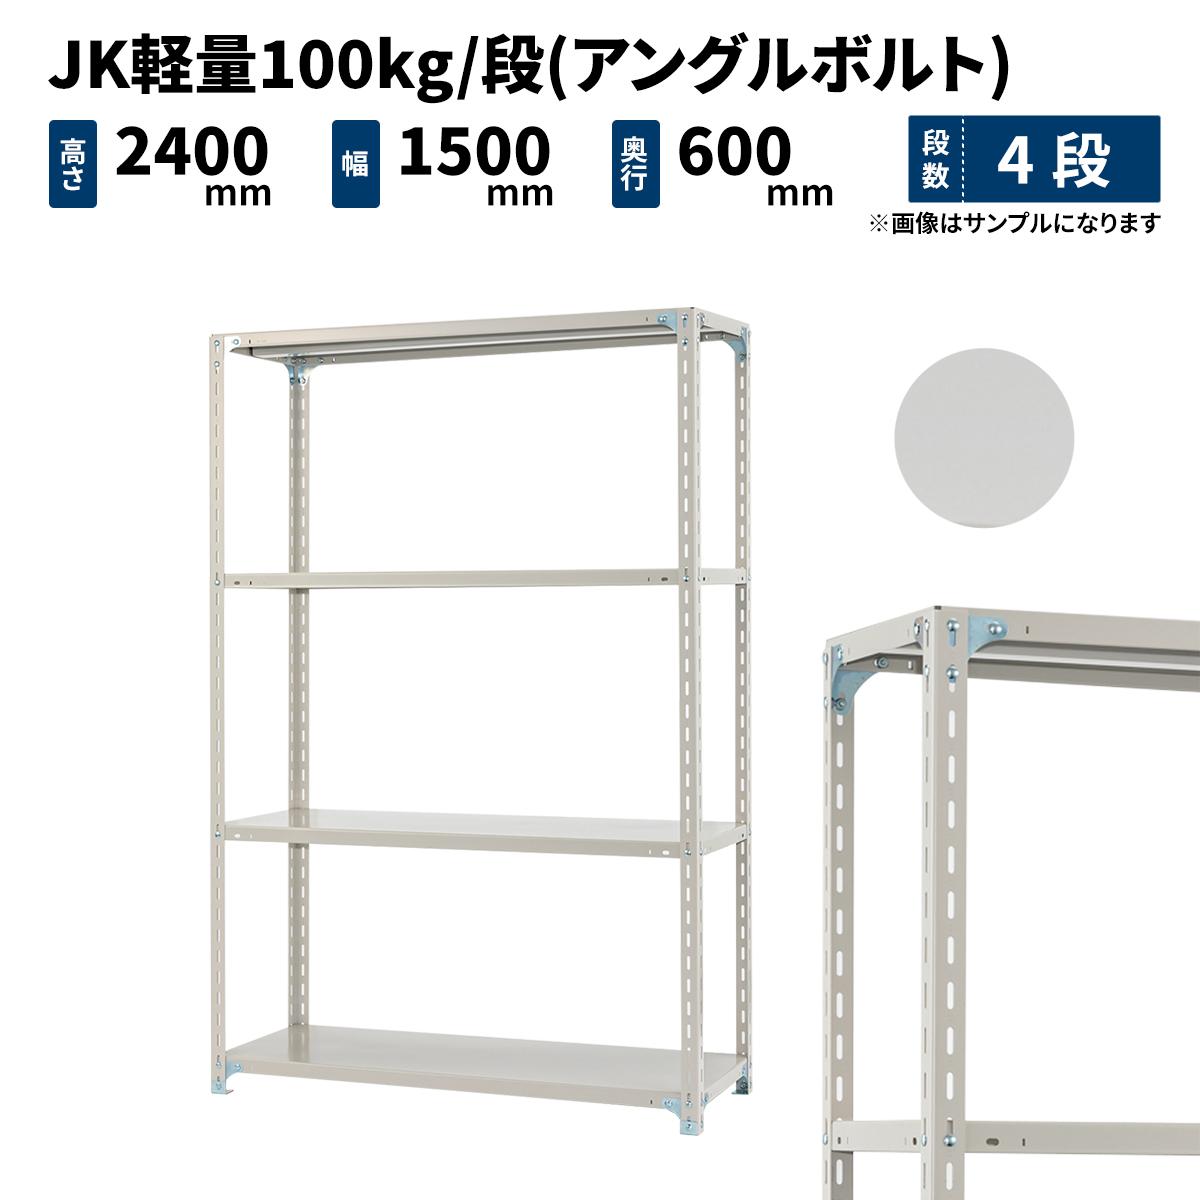 スチールラック 業務用 JK軽量100kg/段(アングルボルト) 高さ2400×幅1500×奥行600mm 4段 ホワイトグレー (52kg) JK100BT-241506-4